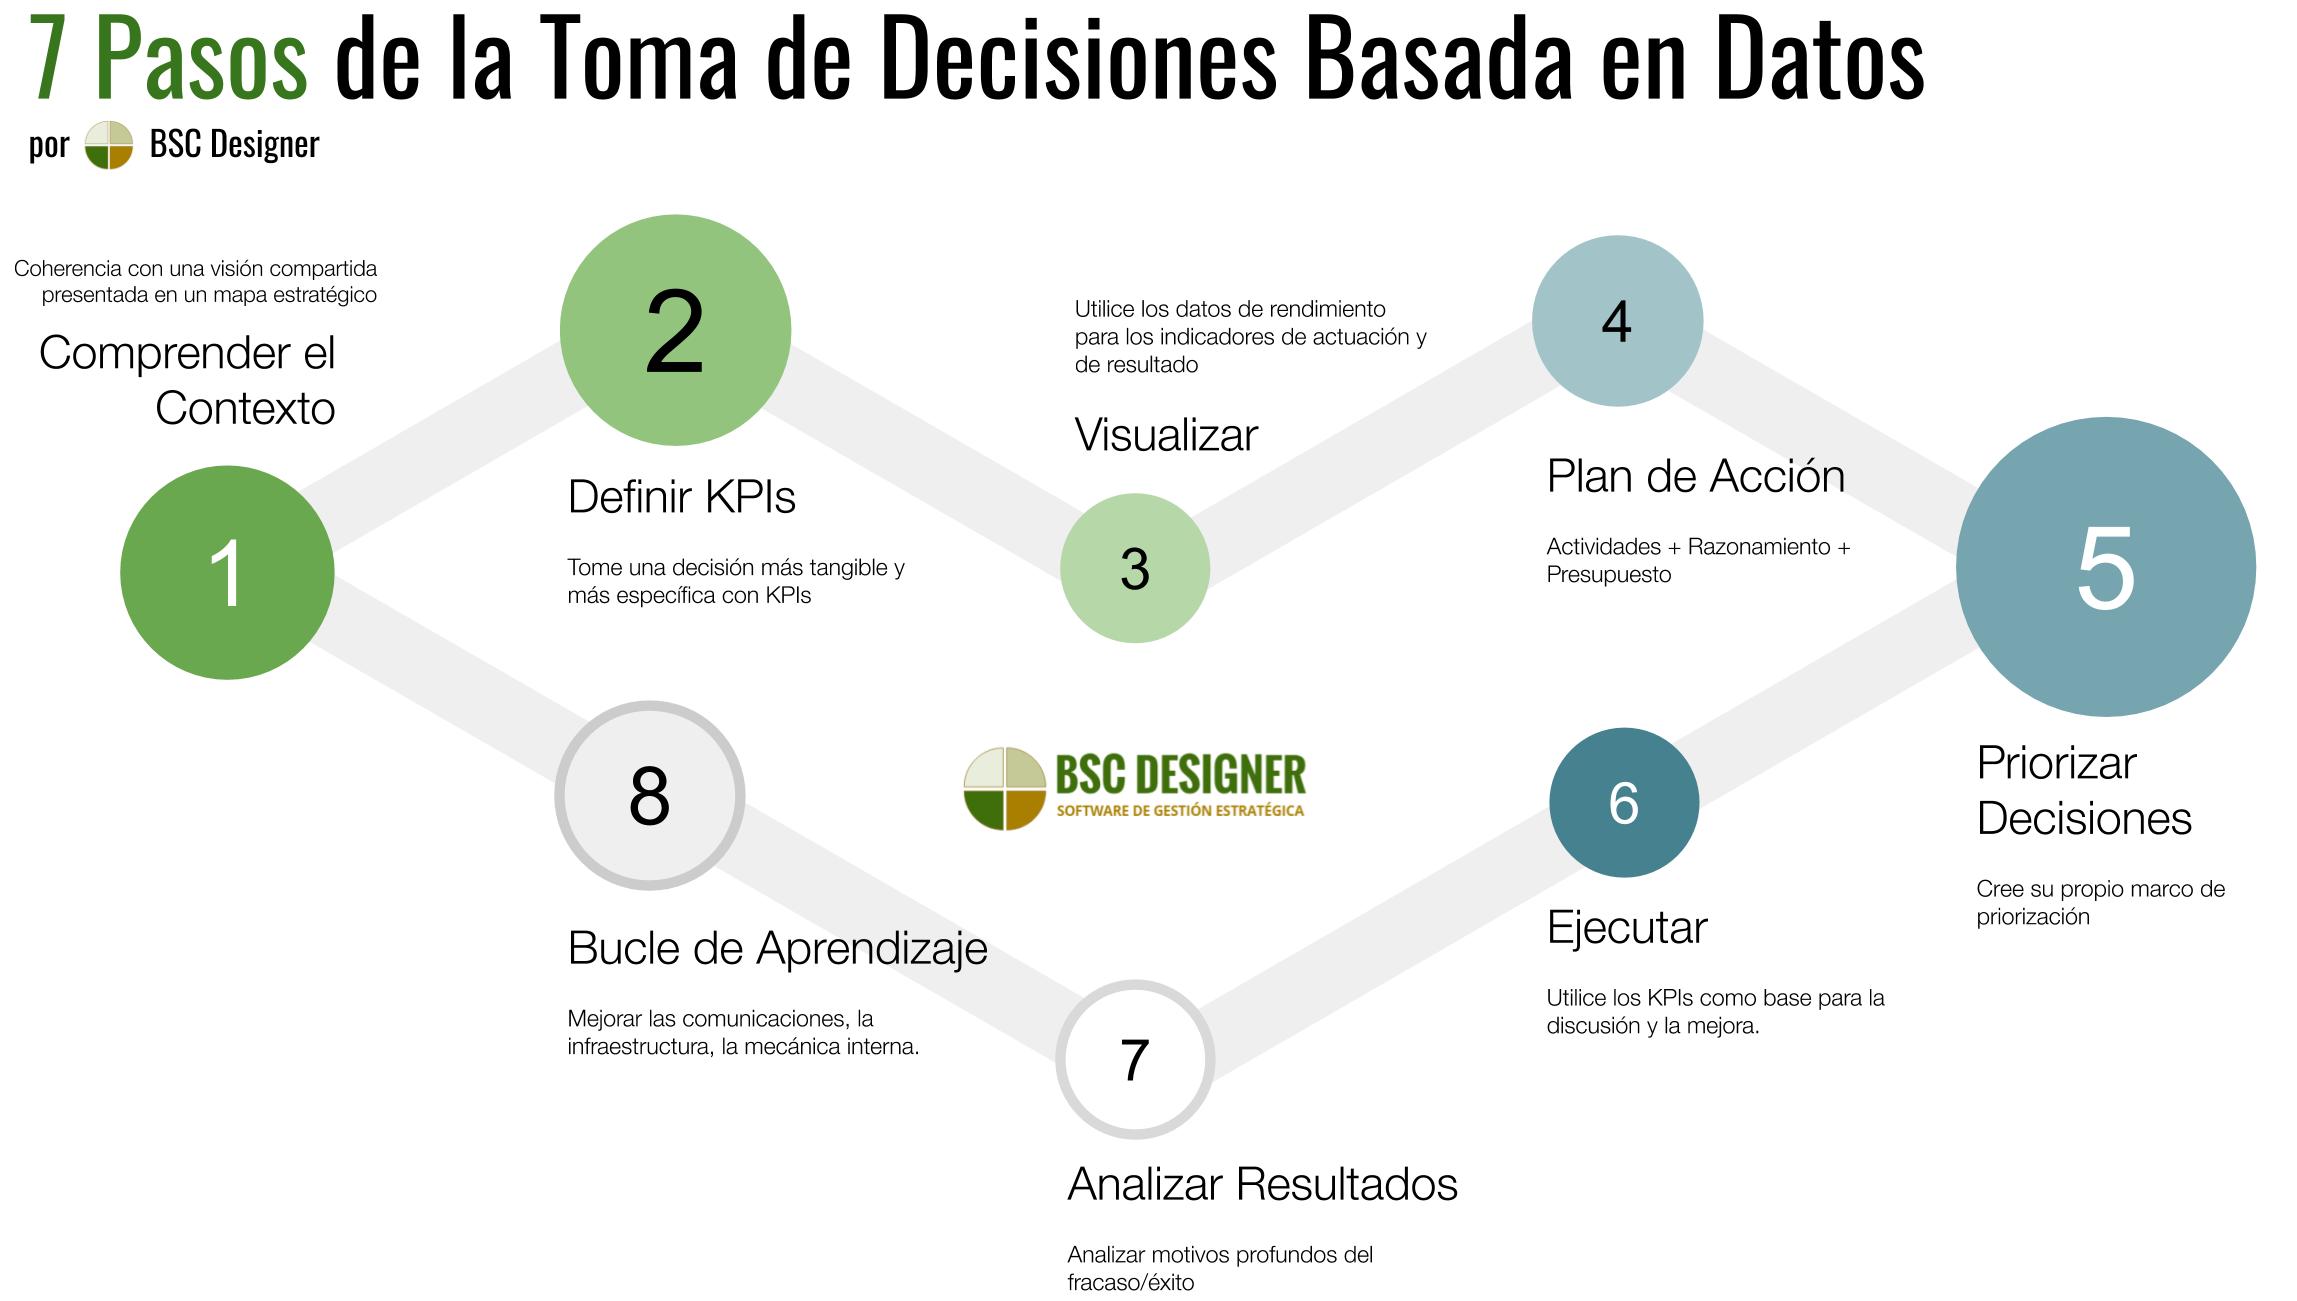 7 pasos de una decisión basada en datos